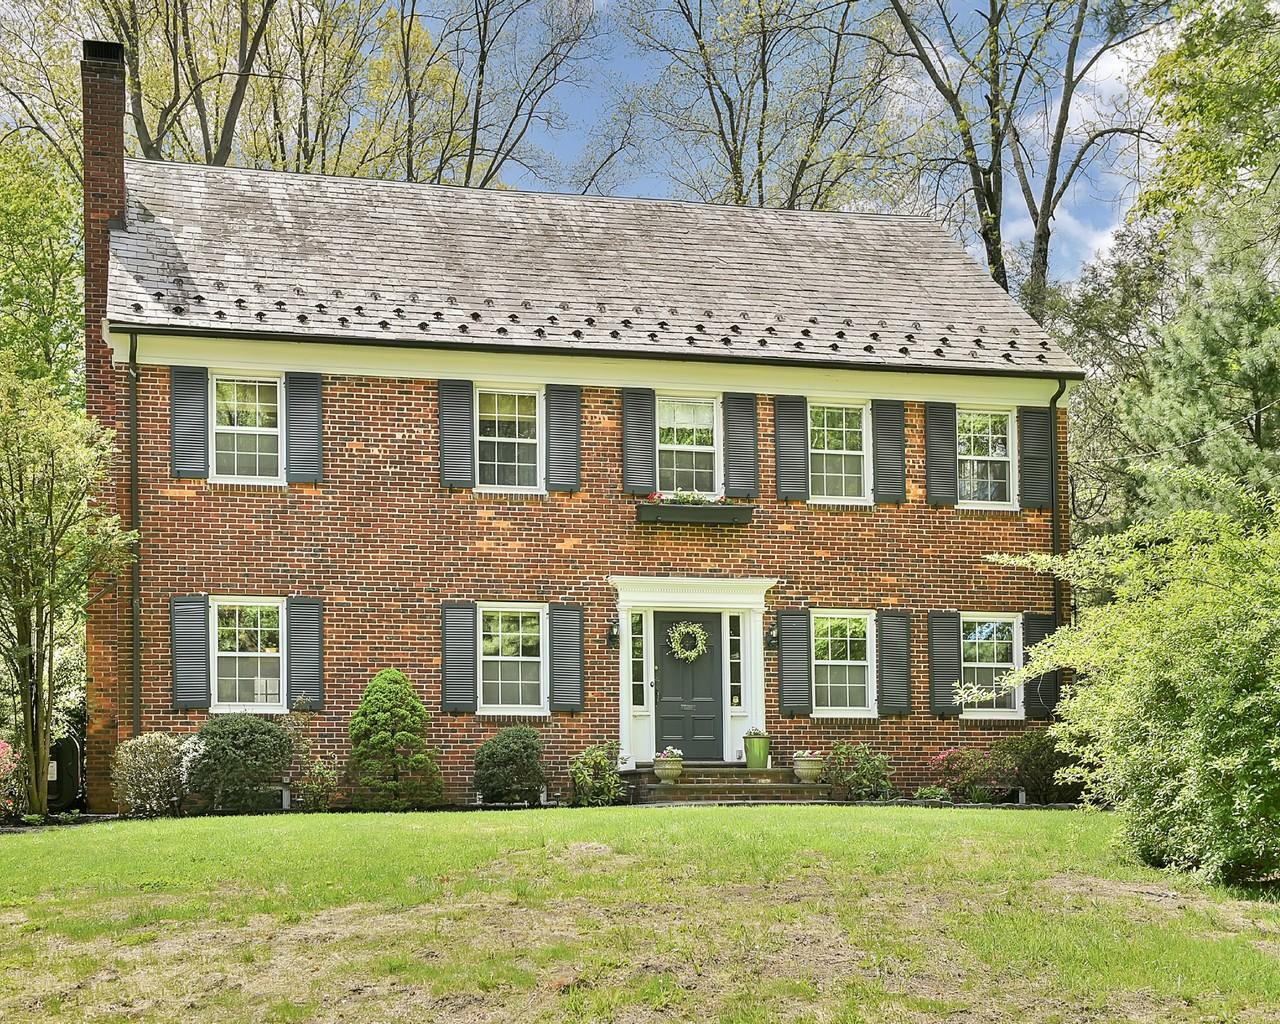 Casa Unifamiliar por un Venta en Classic Brick Colonial 27 Gordon Place Verona, Nueva Jersey 07044 Estados Unidos